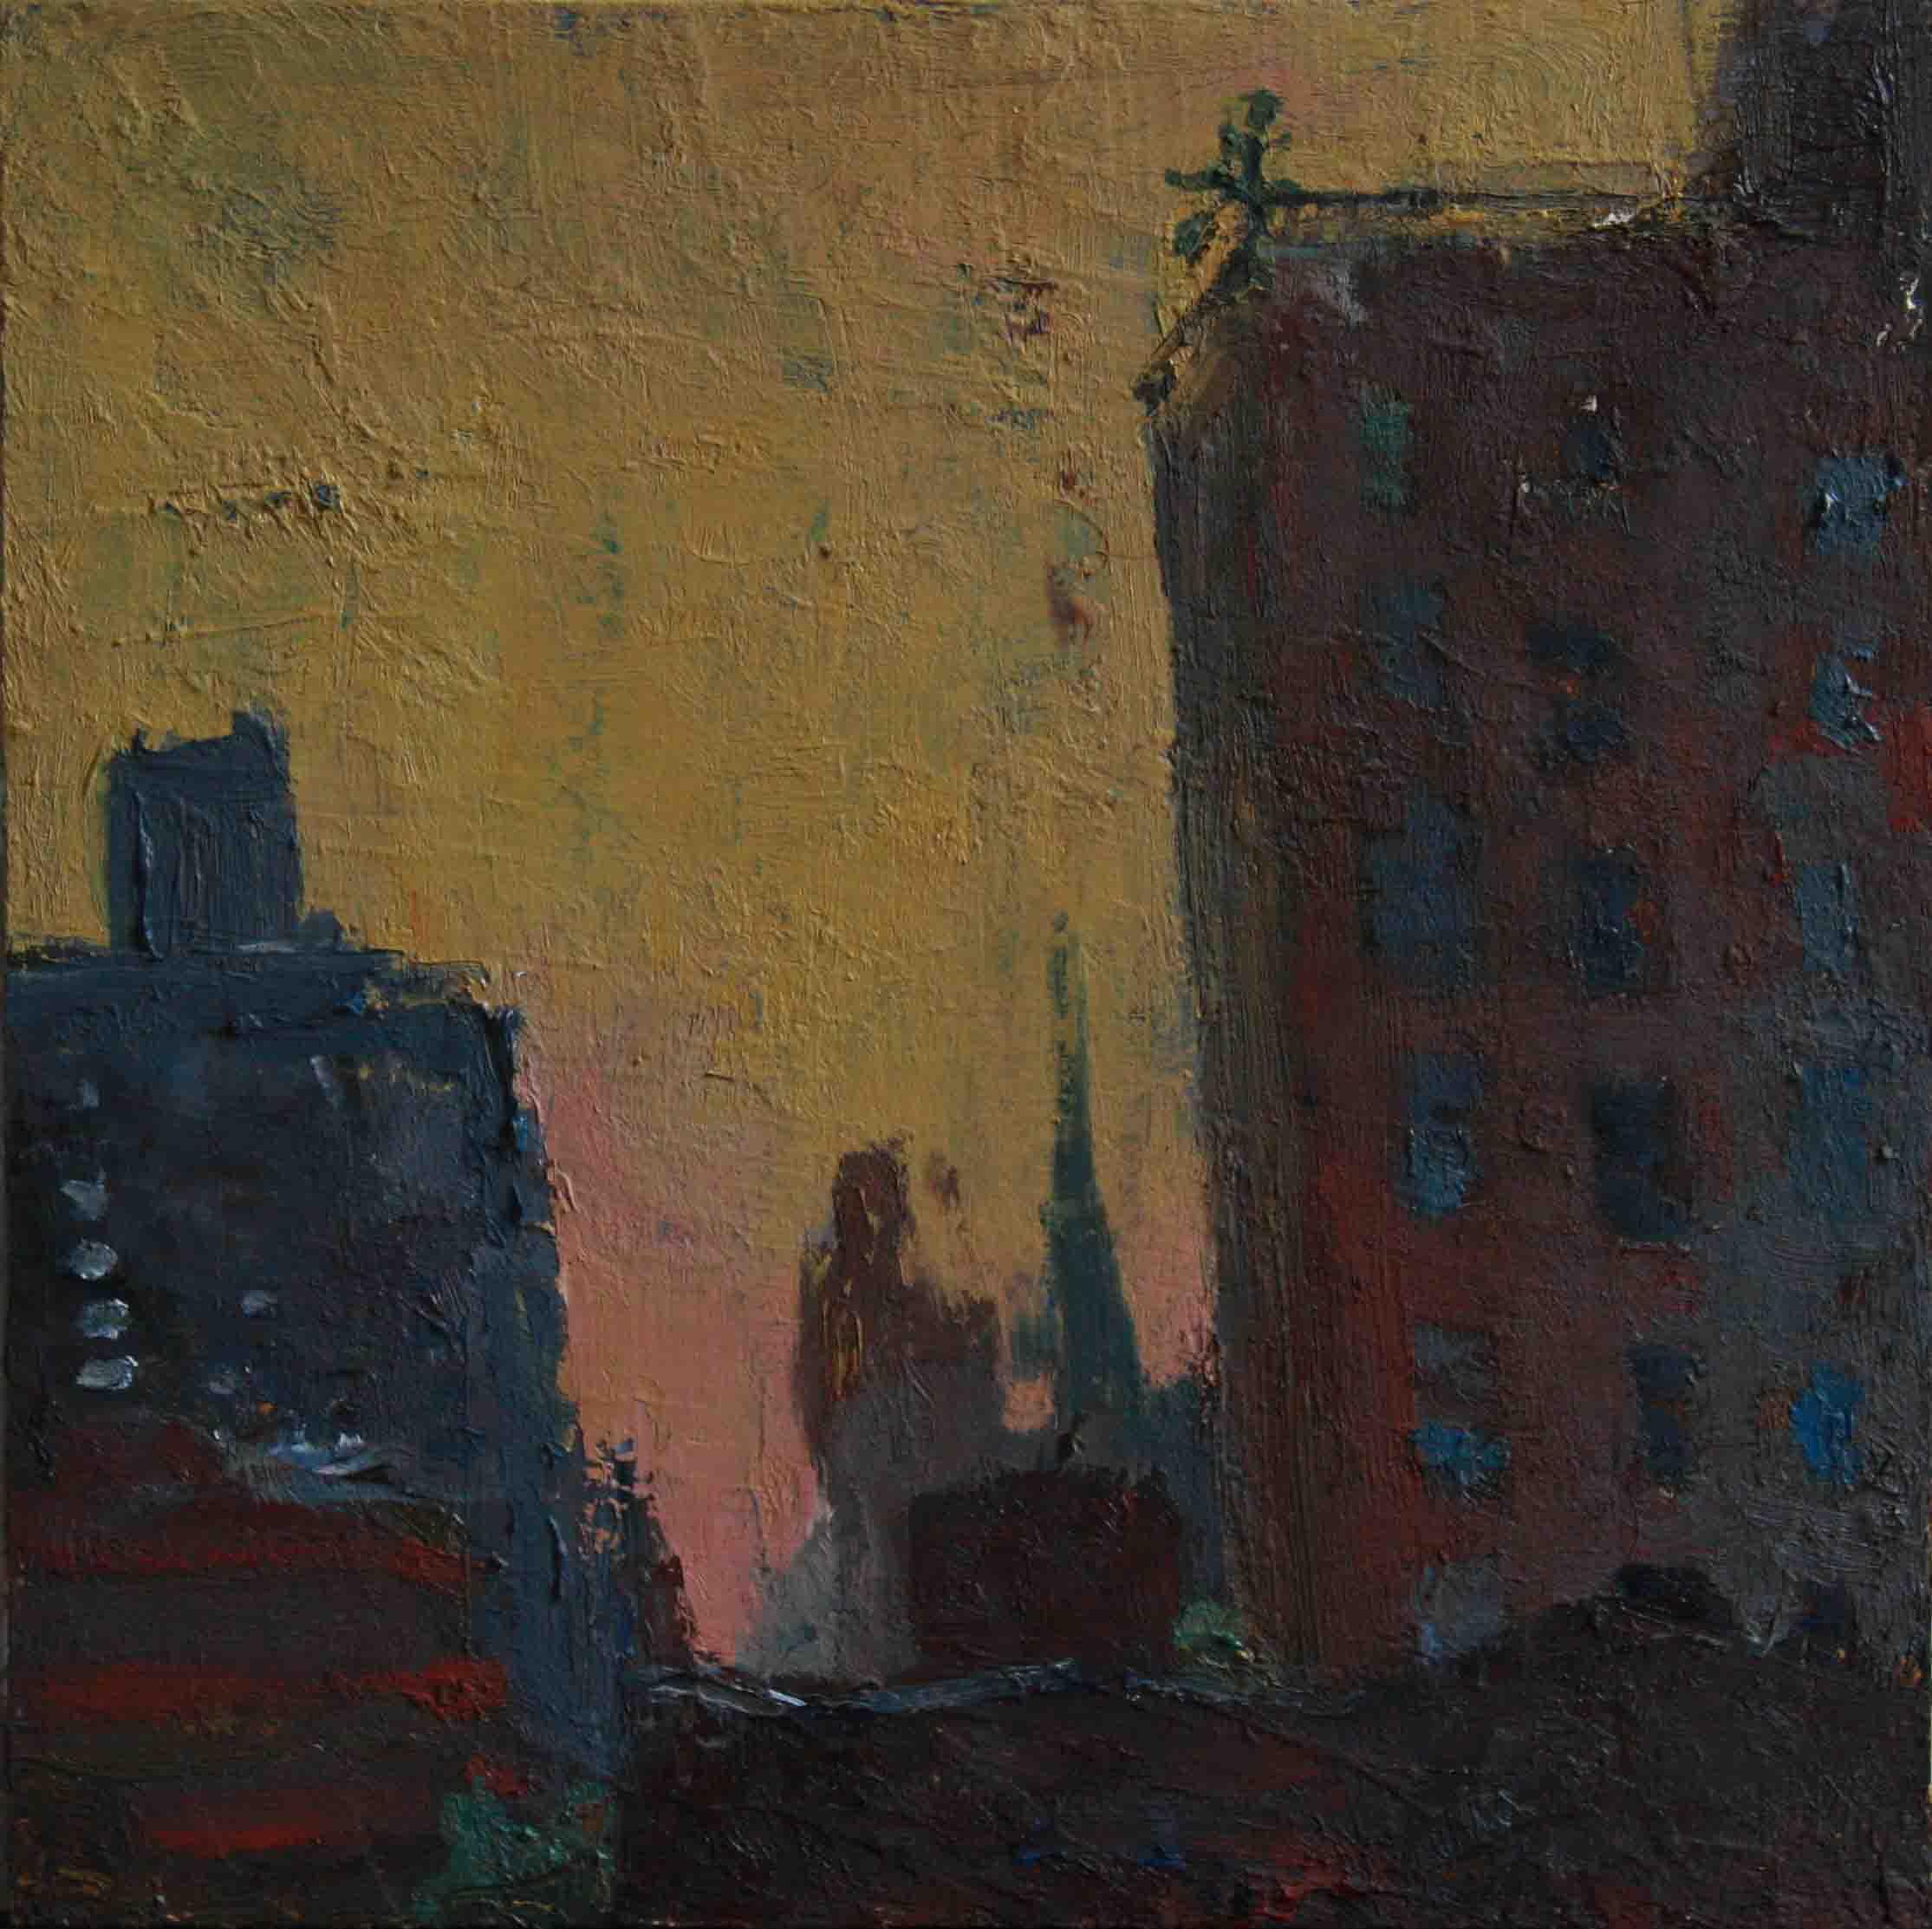 ny-painting_14857427219_o